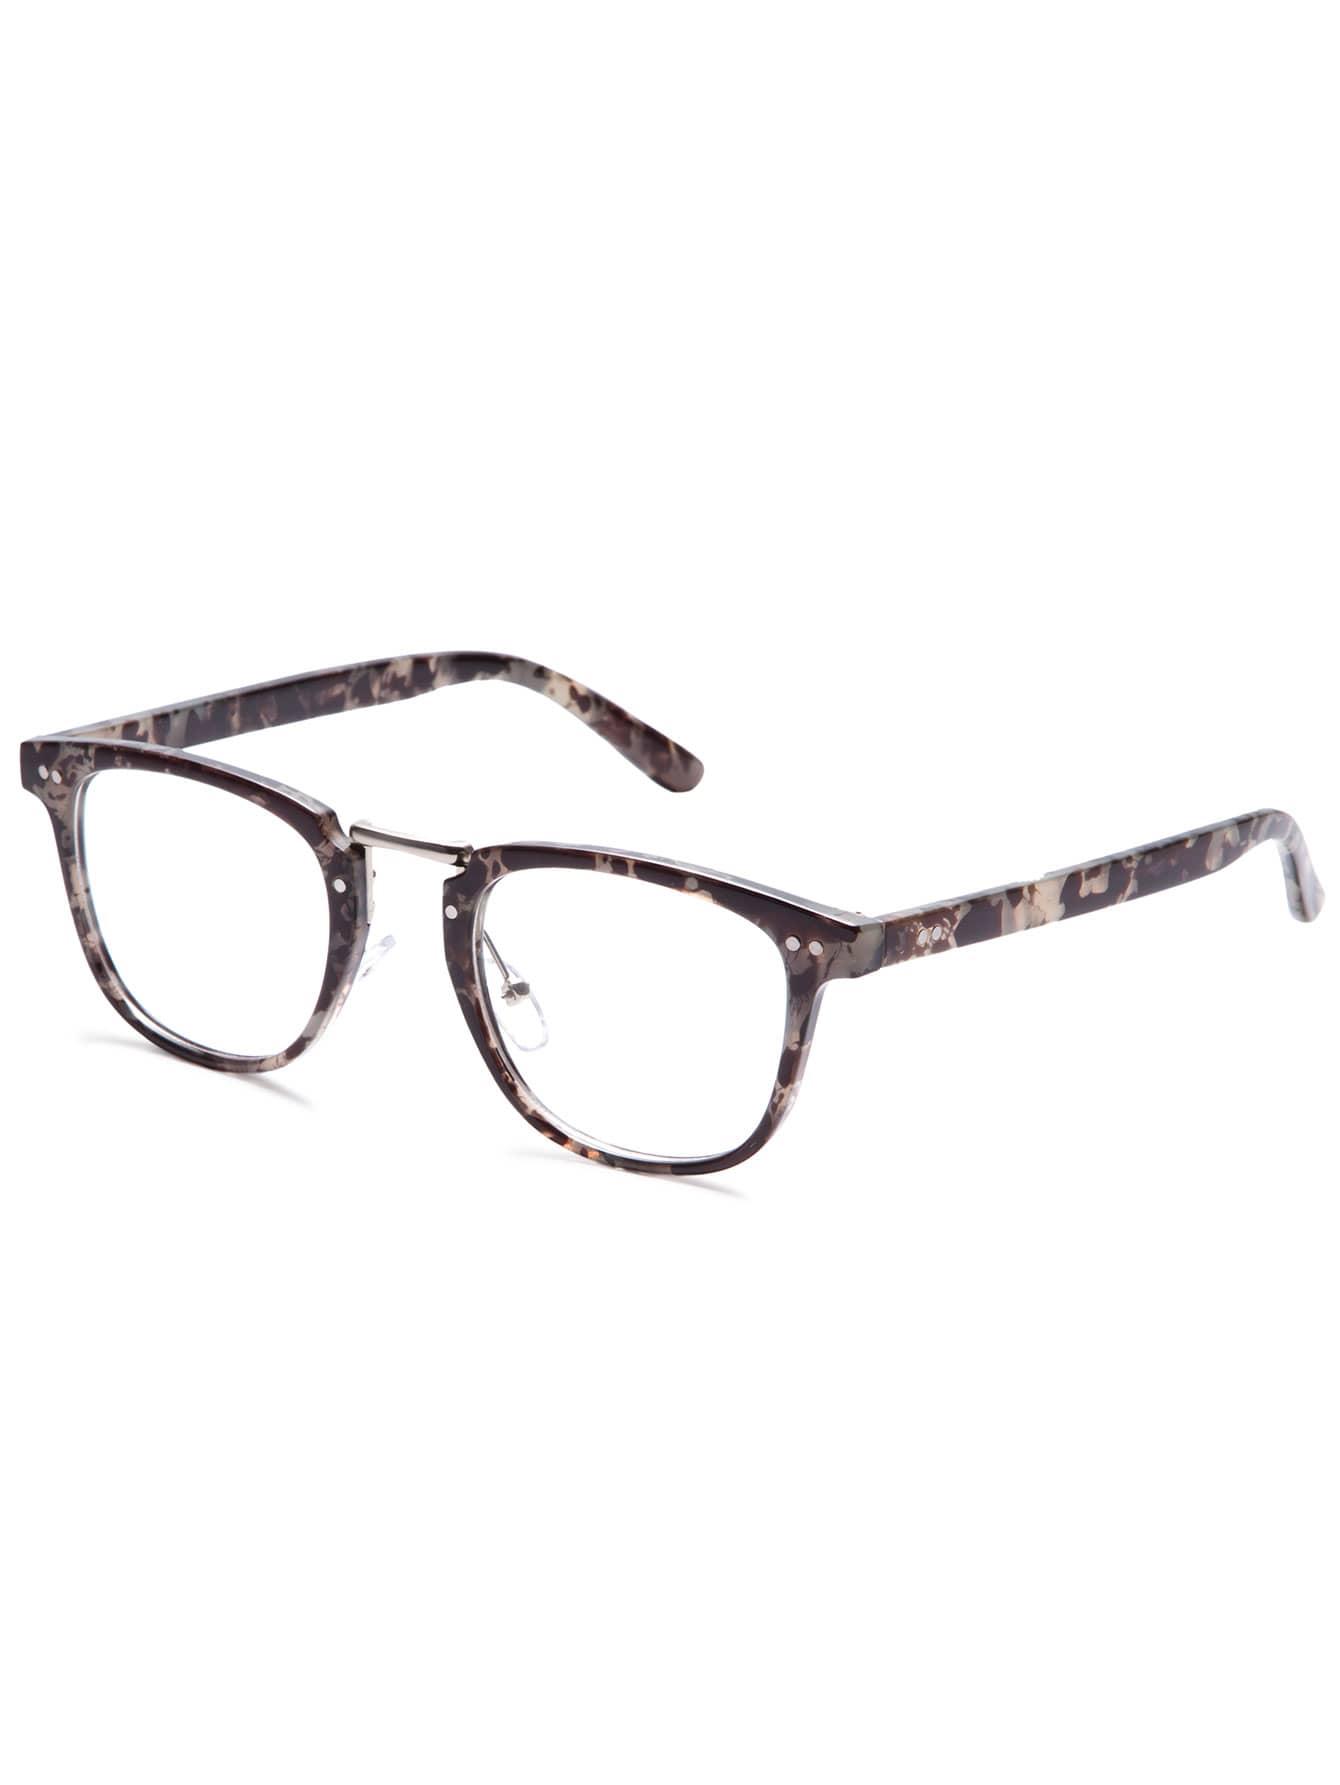 Glasses Gray Frame : Grey Tortoise Frame Clear Lens Glasses -SheIn(Sheinside)